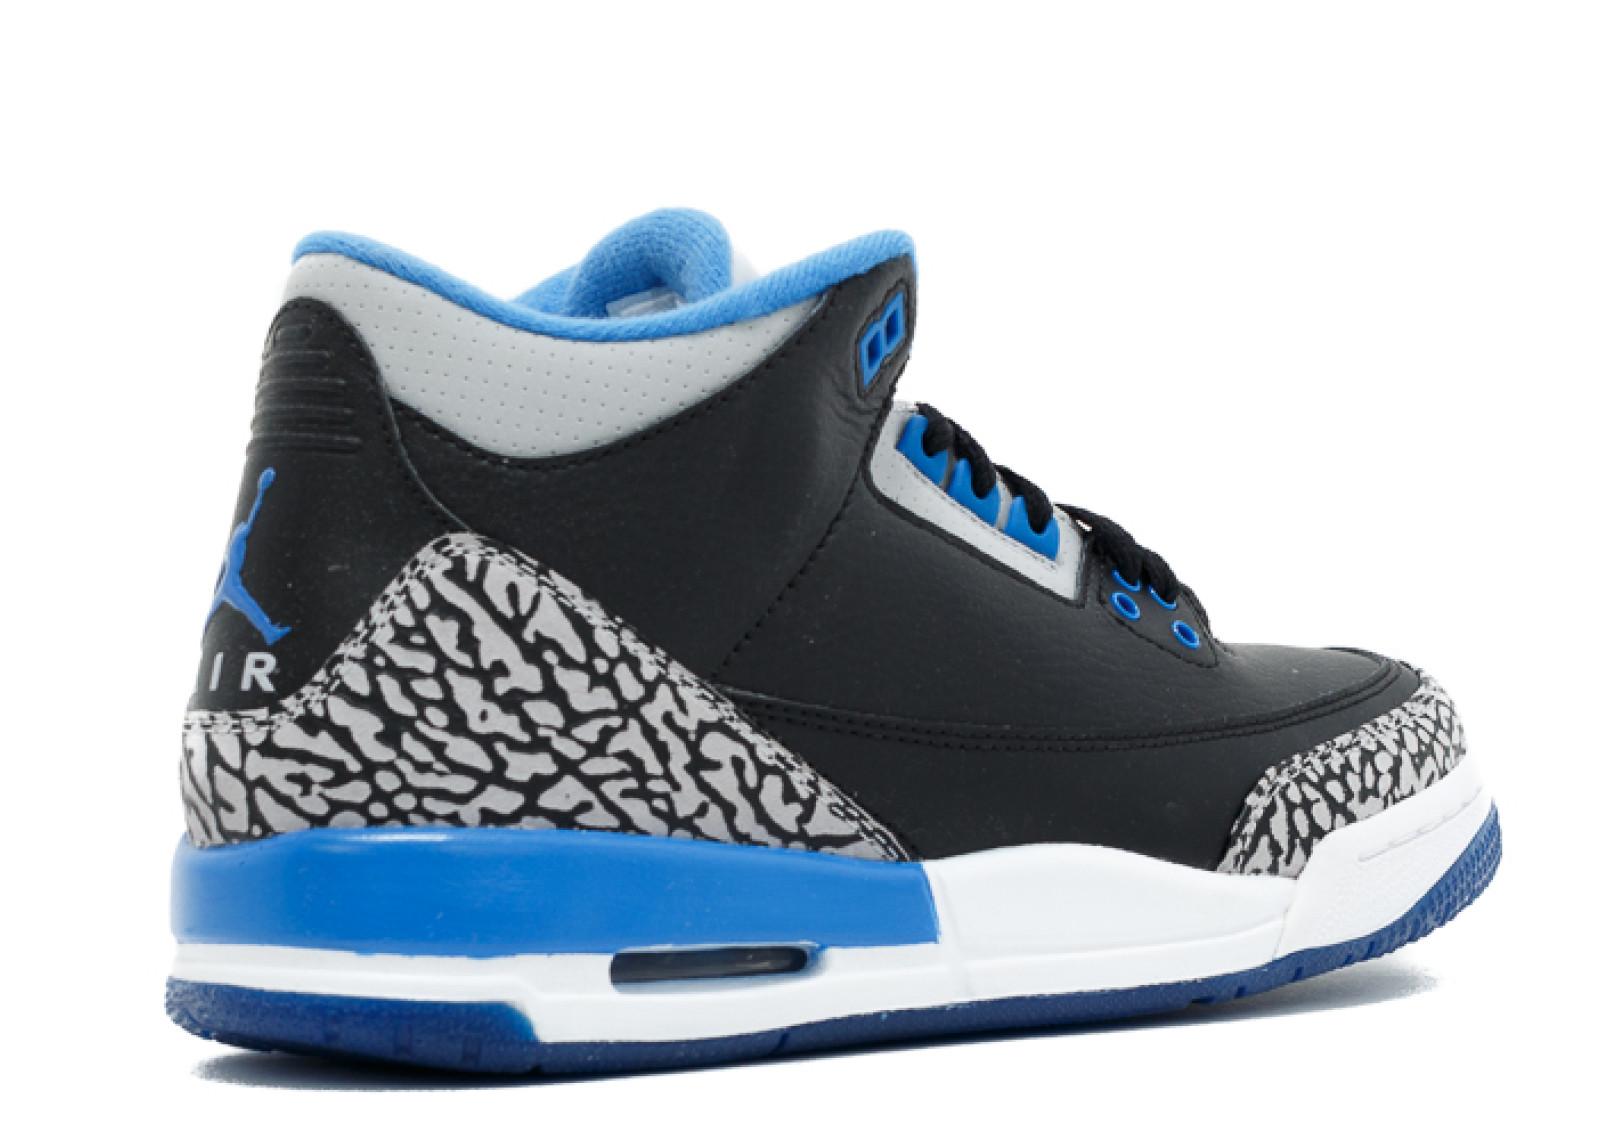 Details about Air Jordan 3 Retro Bg (Gs) 'Sport Blue' 398614 007 Size 6